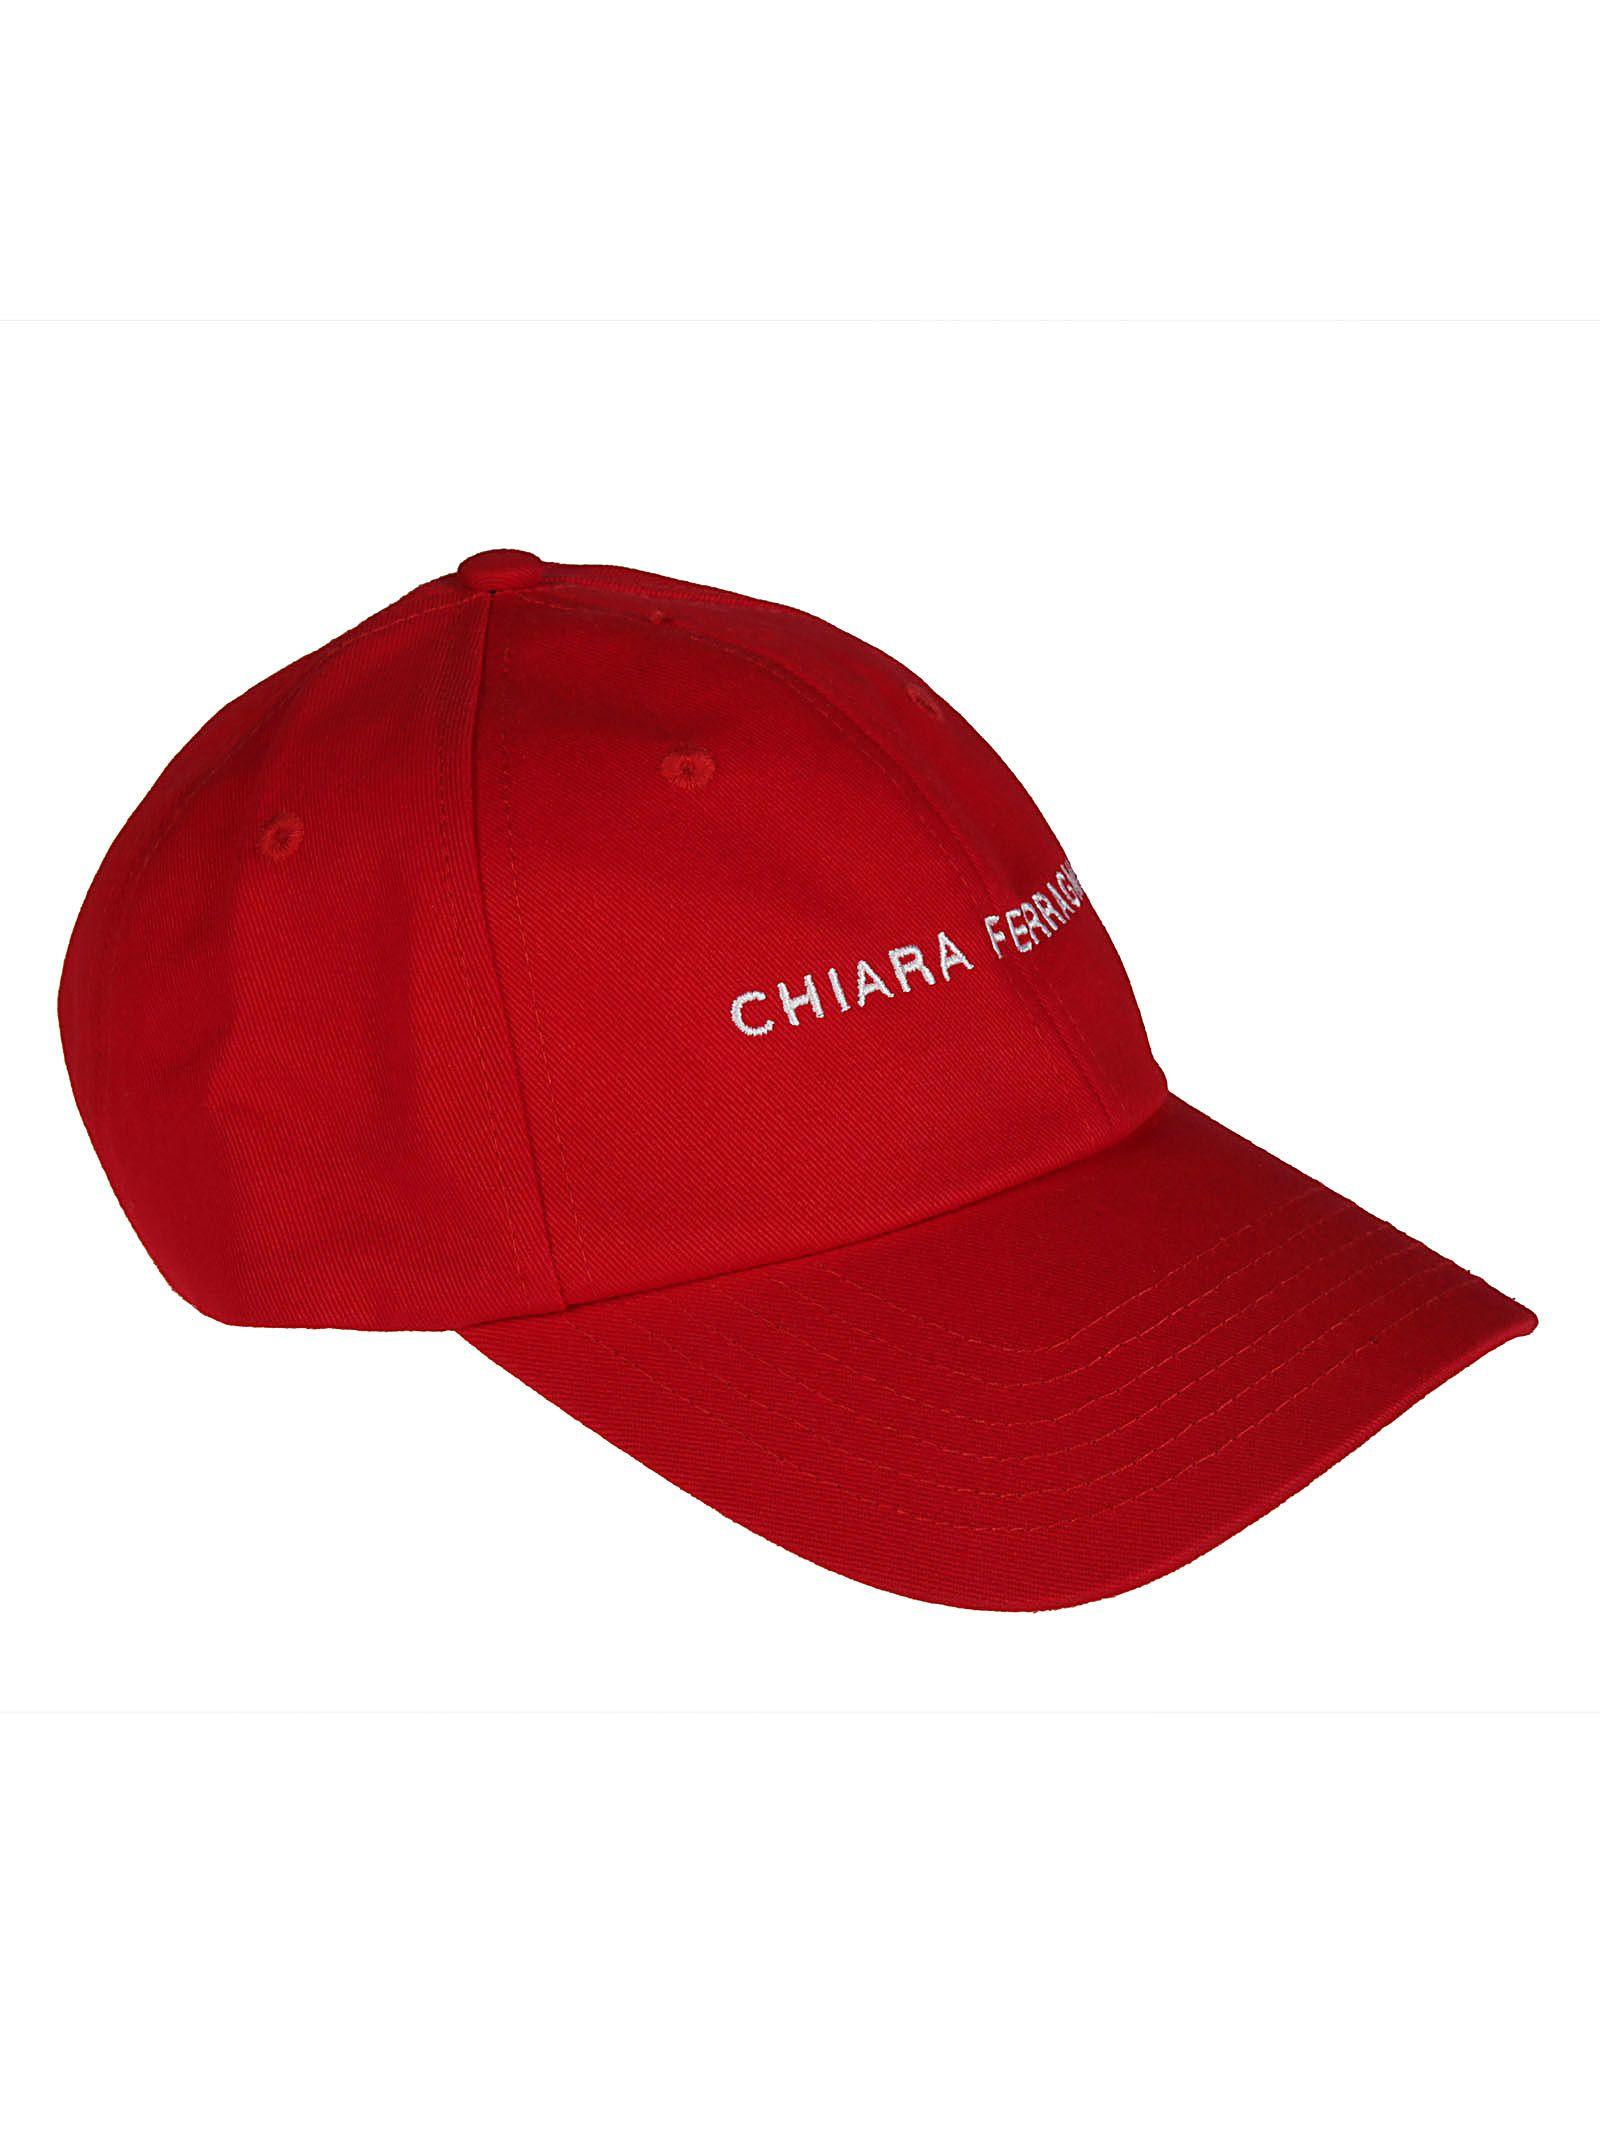 chiara ferragni -  Logo Embroidered Cap